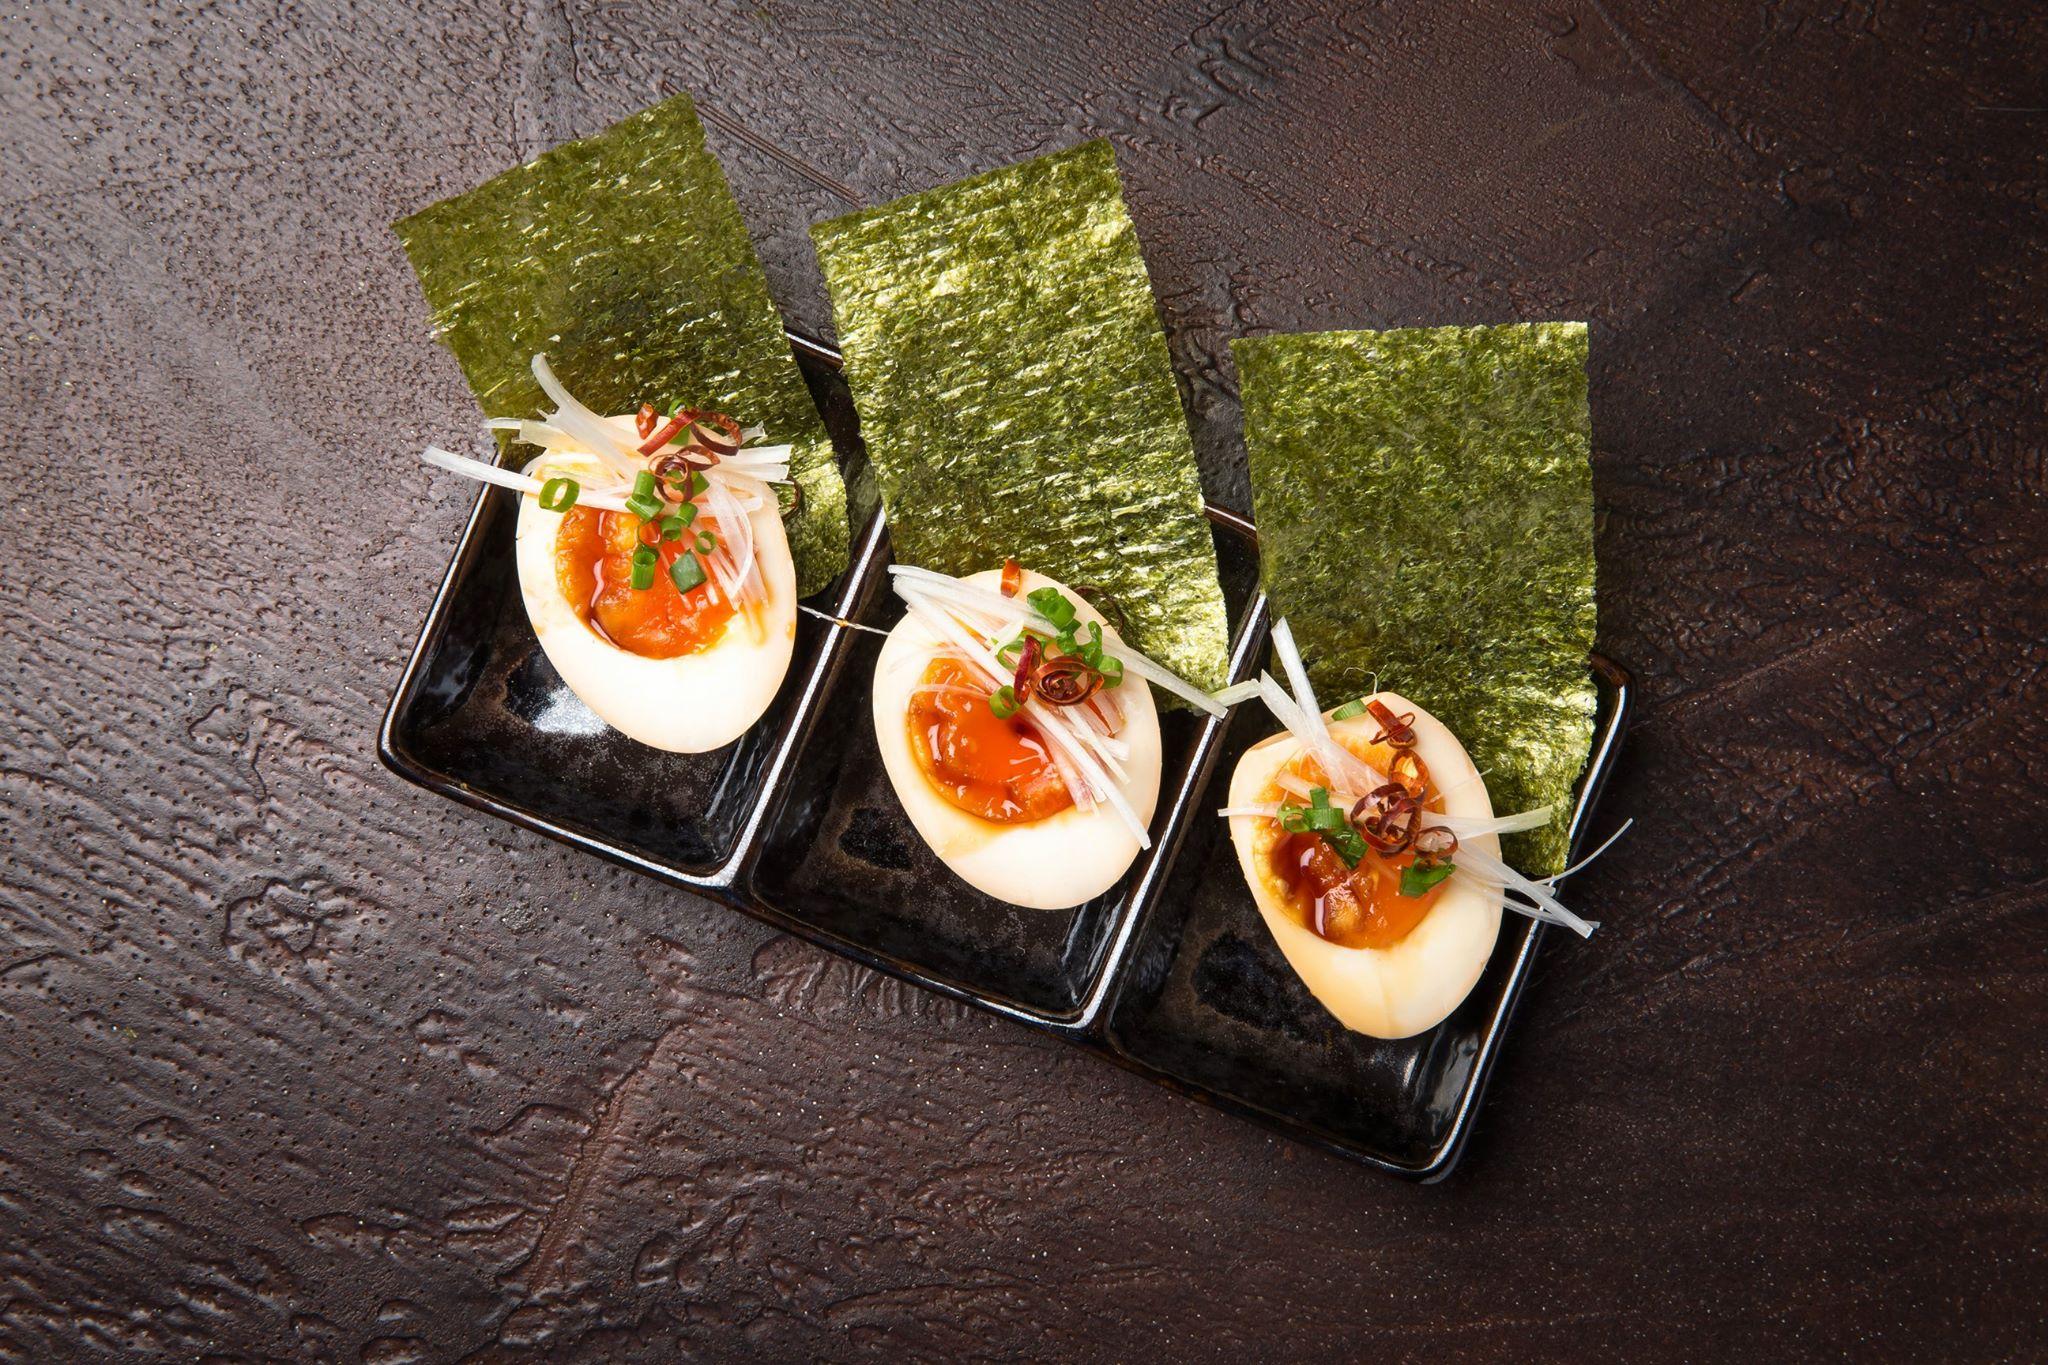 Spicy Ajitama akira ramen bar roma